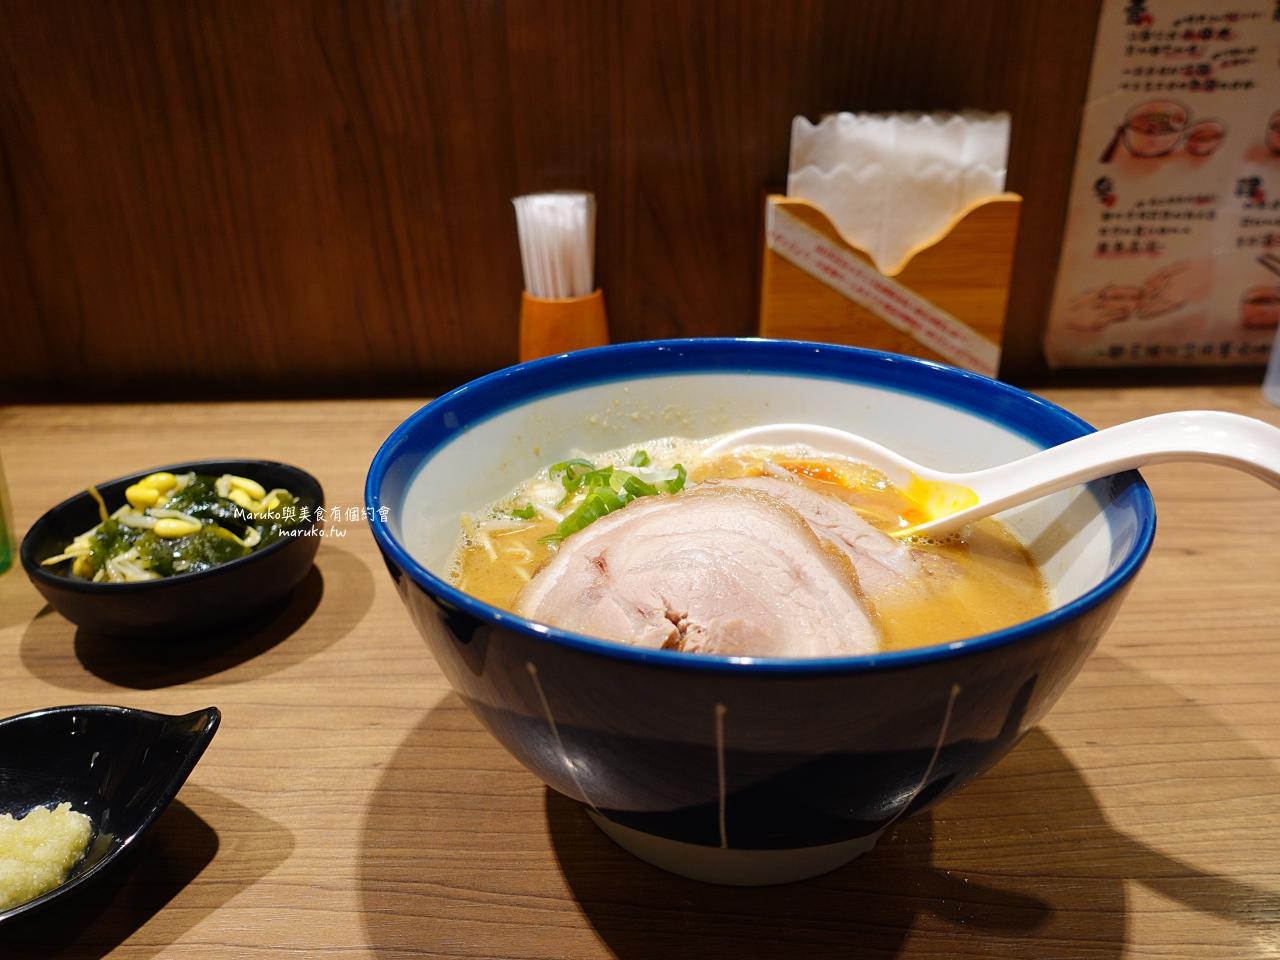 【台北】麵屋輝/來自大阪的魚介豚骨沾麵/一日一麵自家製/松江南京站拉麵 @Maruko與美食有個約會